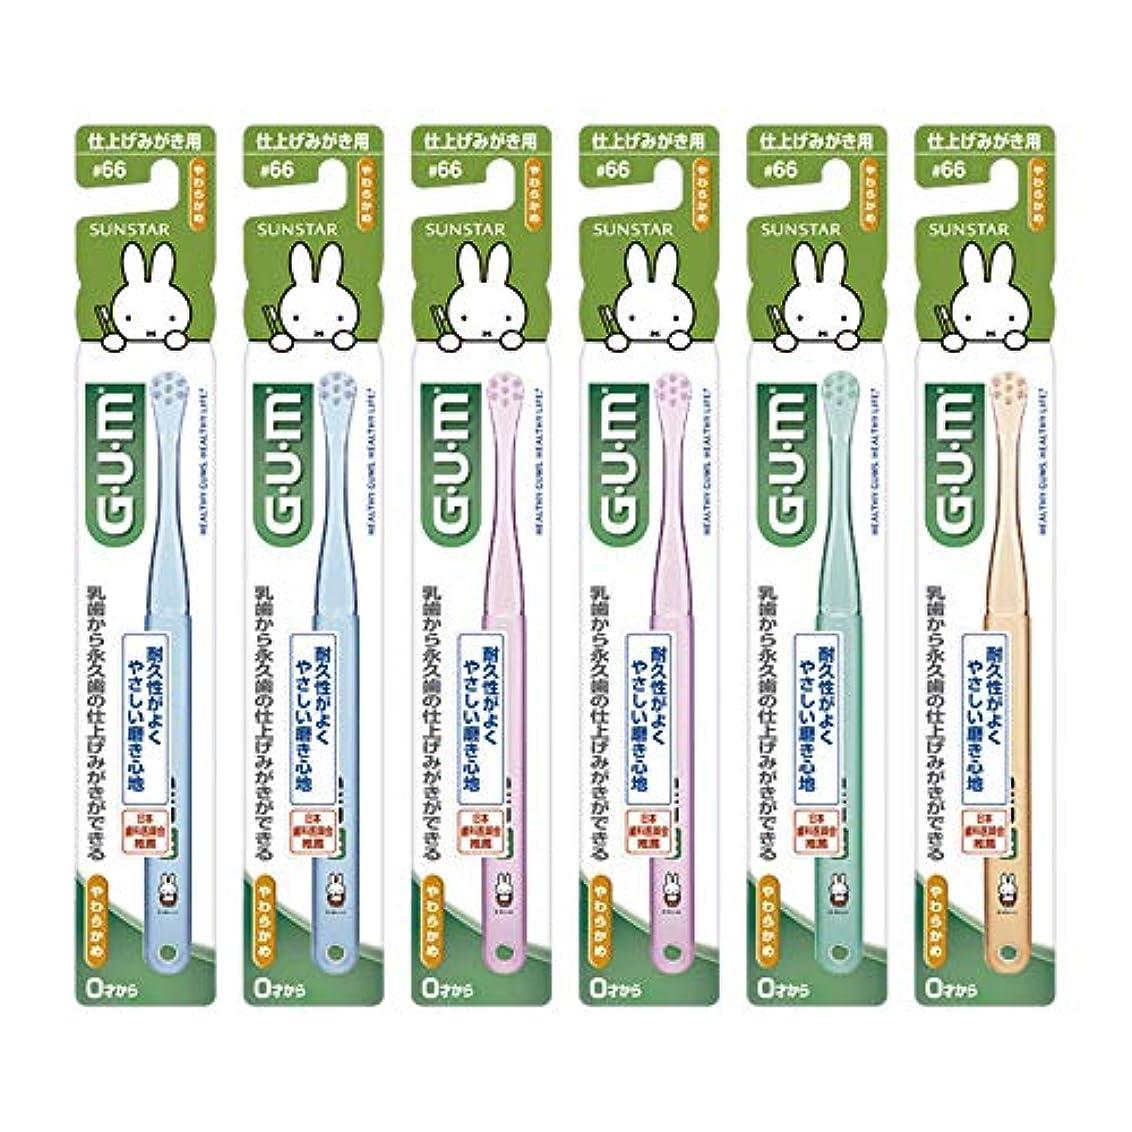 パドルお気に入り権限GUM(ガム) デンタル こども 歯ブラシ #66 [仕上げみがき用/やわらかめ] 6本パック+ おまけつき【Amazon.co.jp限定】